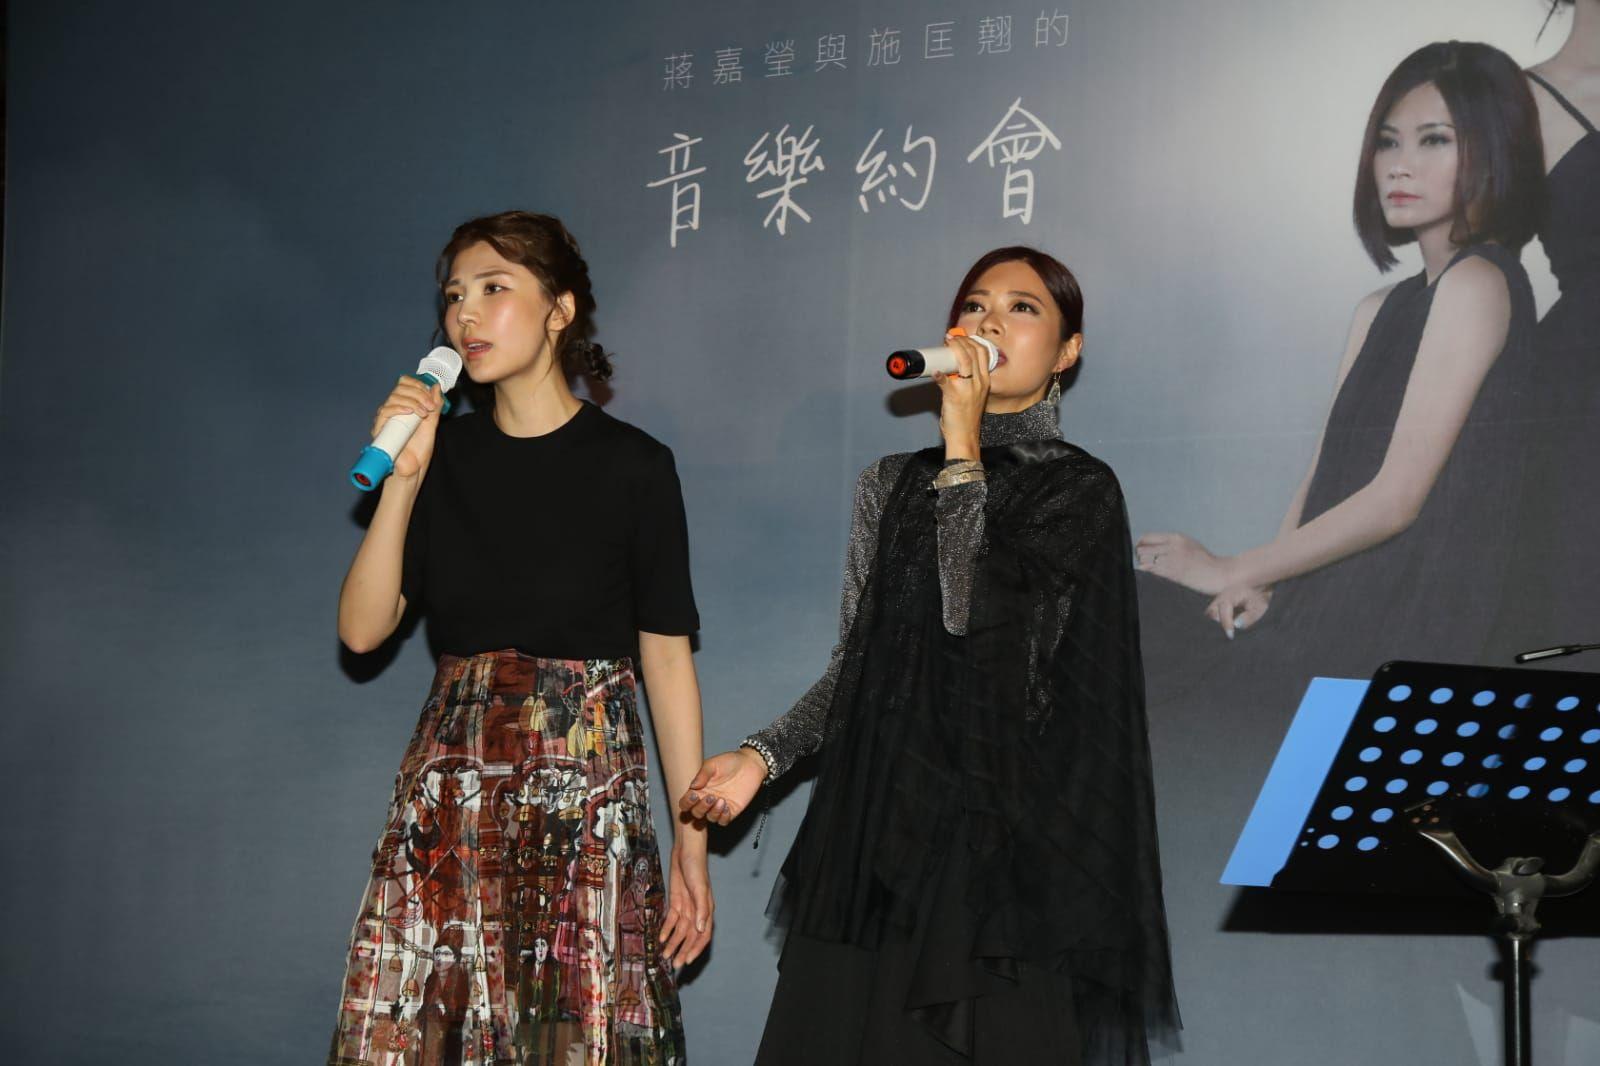 蔣嘉瑩與師妹施匡翹晚上舉行音樂會